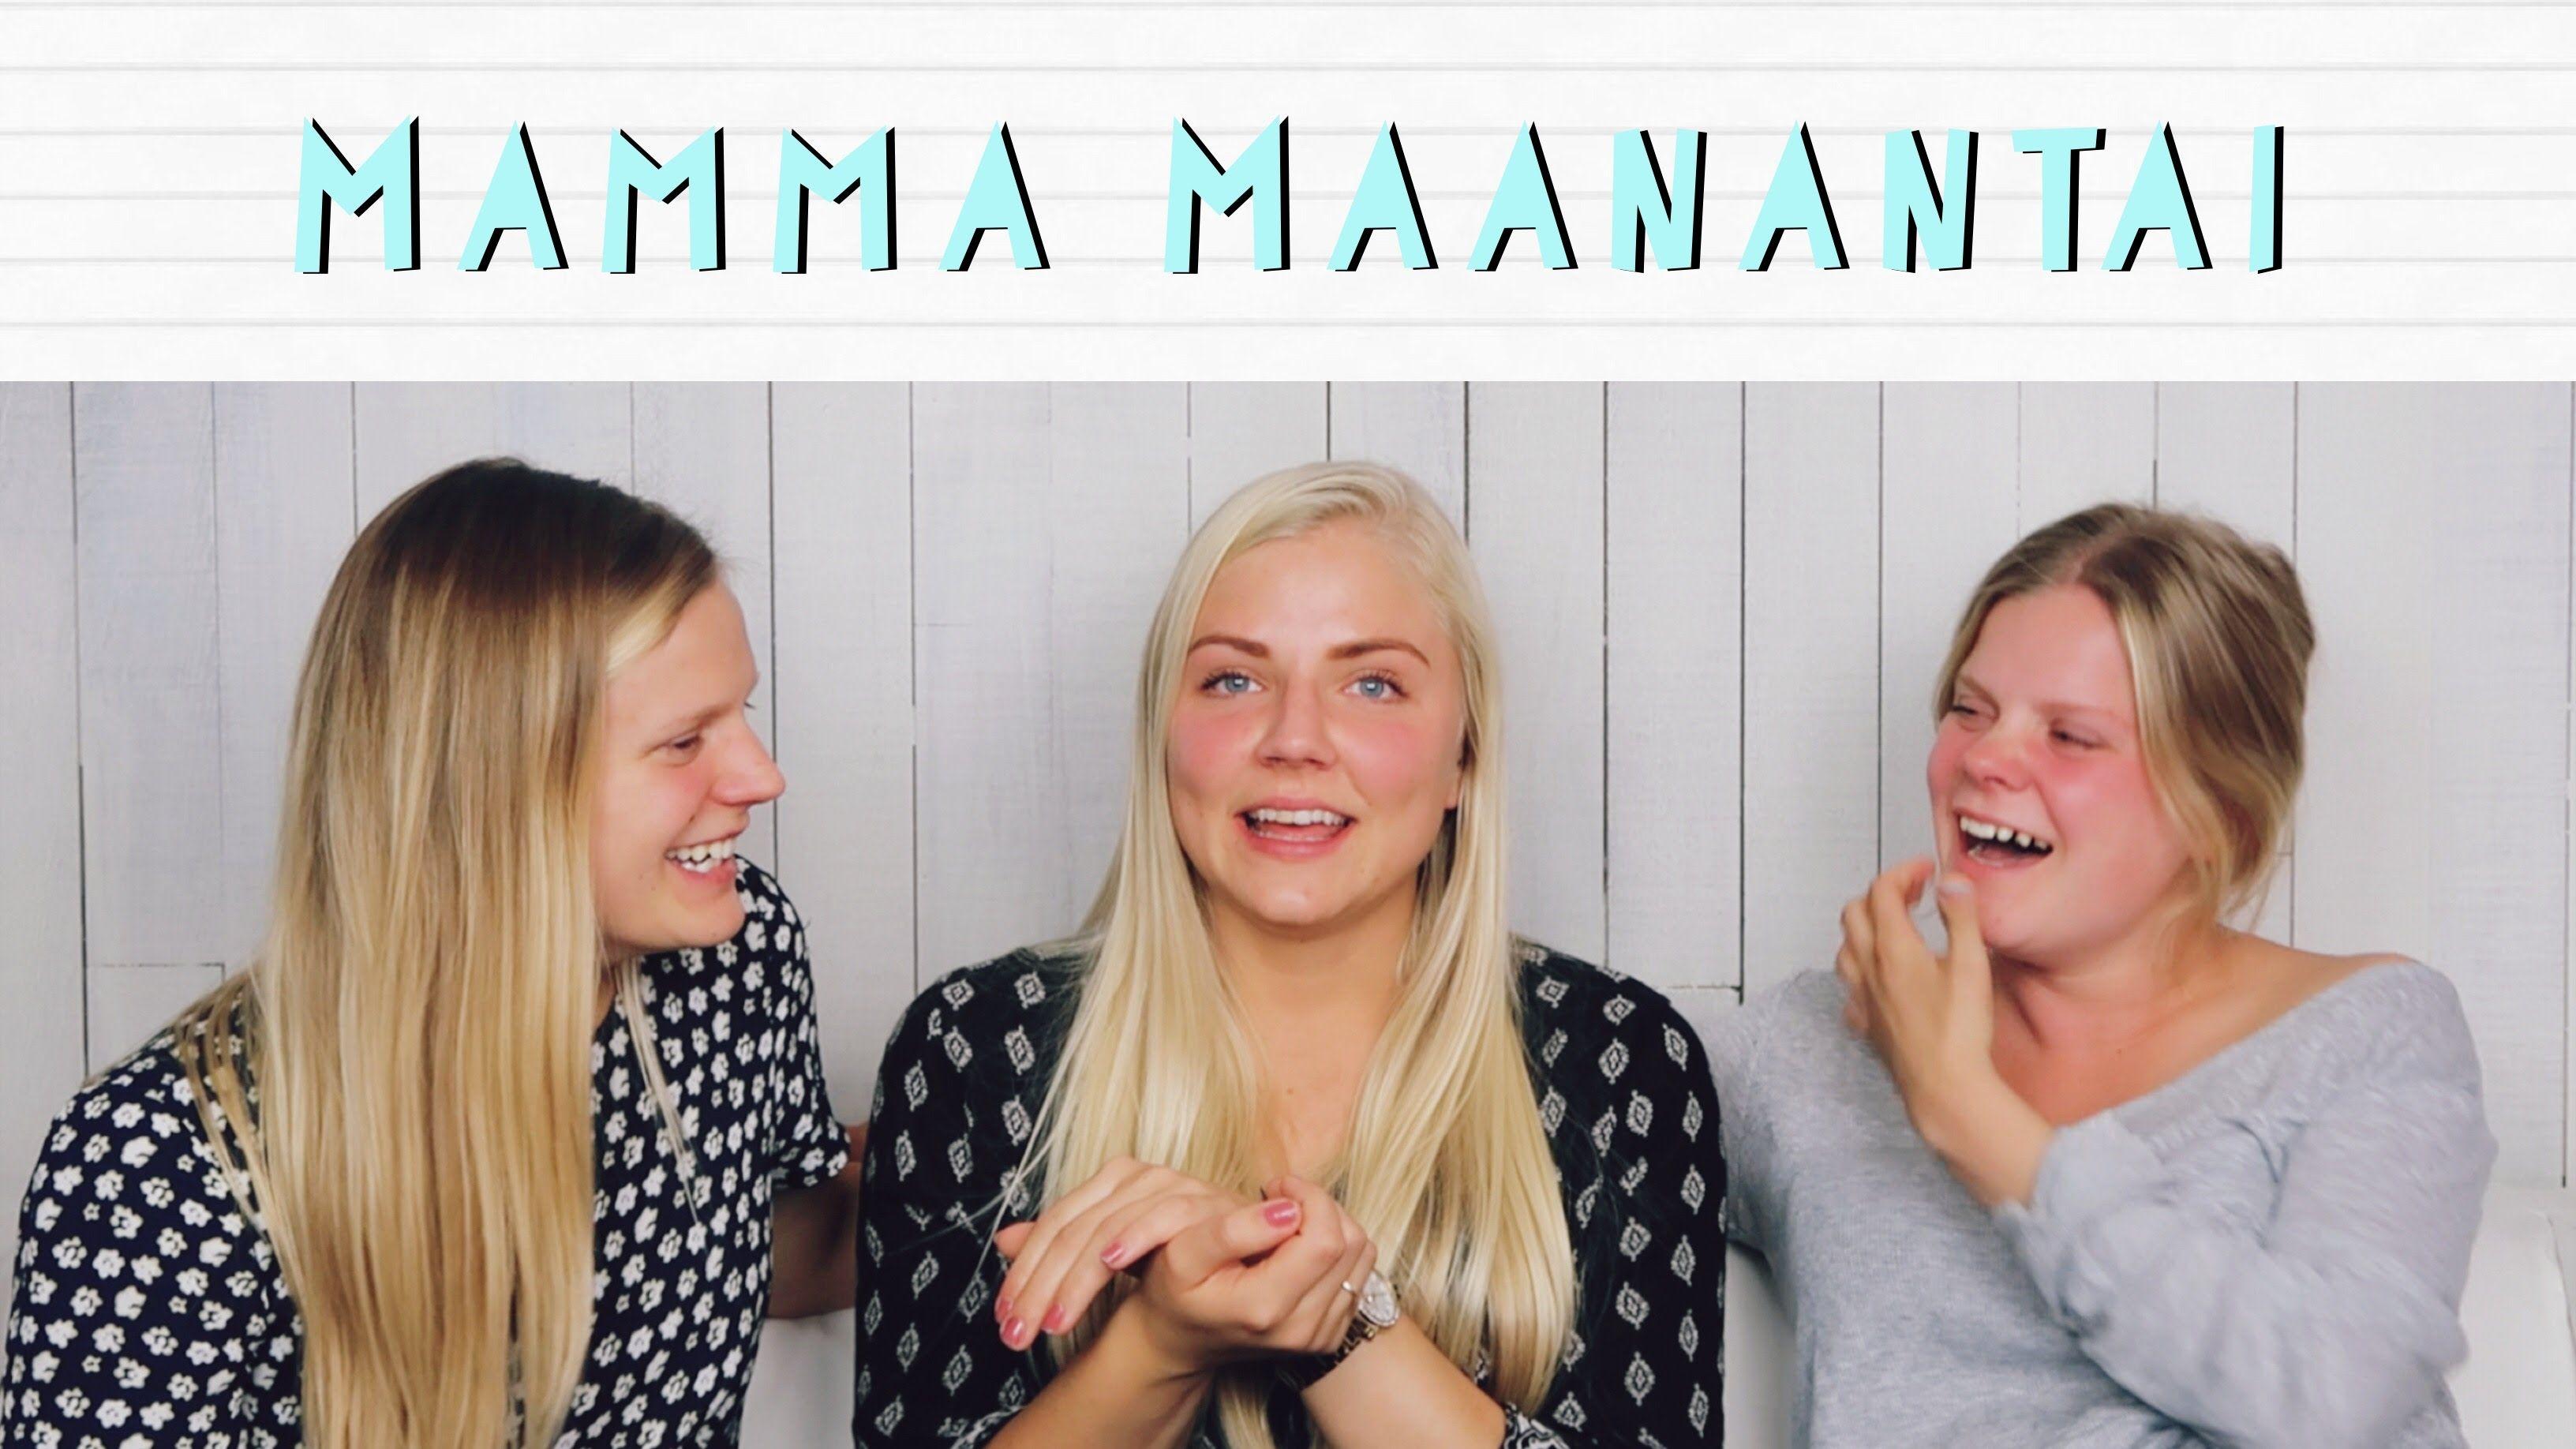 KEHONKUVA JA SYÖMISHÄIRIÖT - MAMMAMAANANTAI